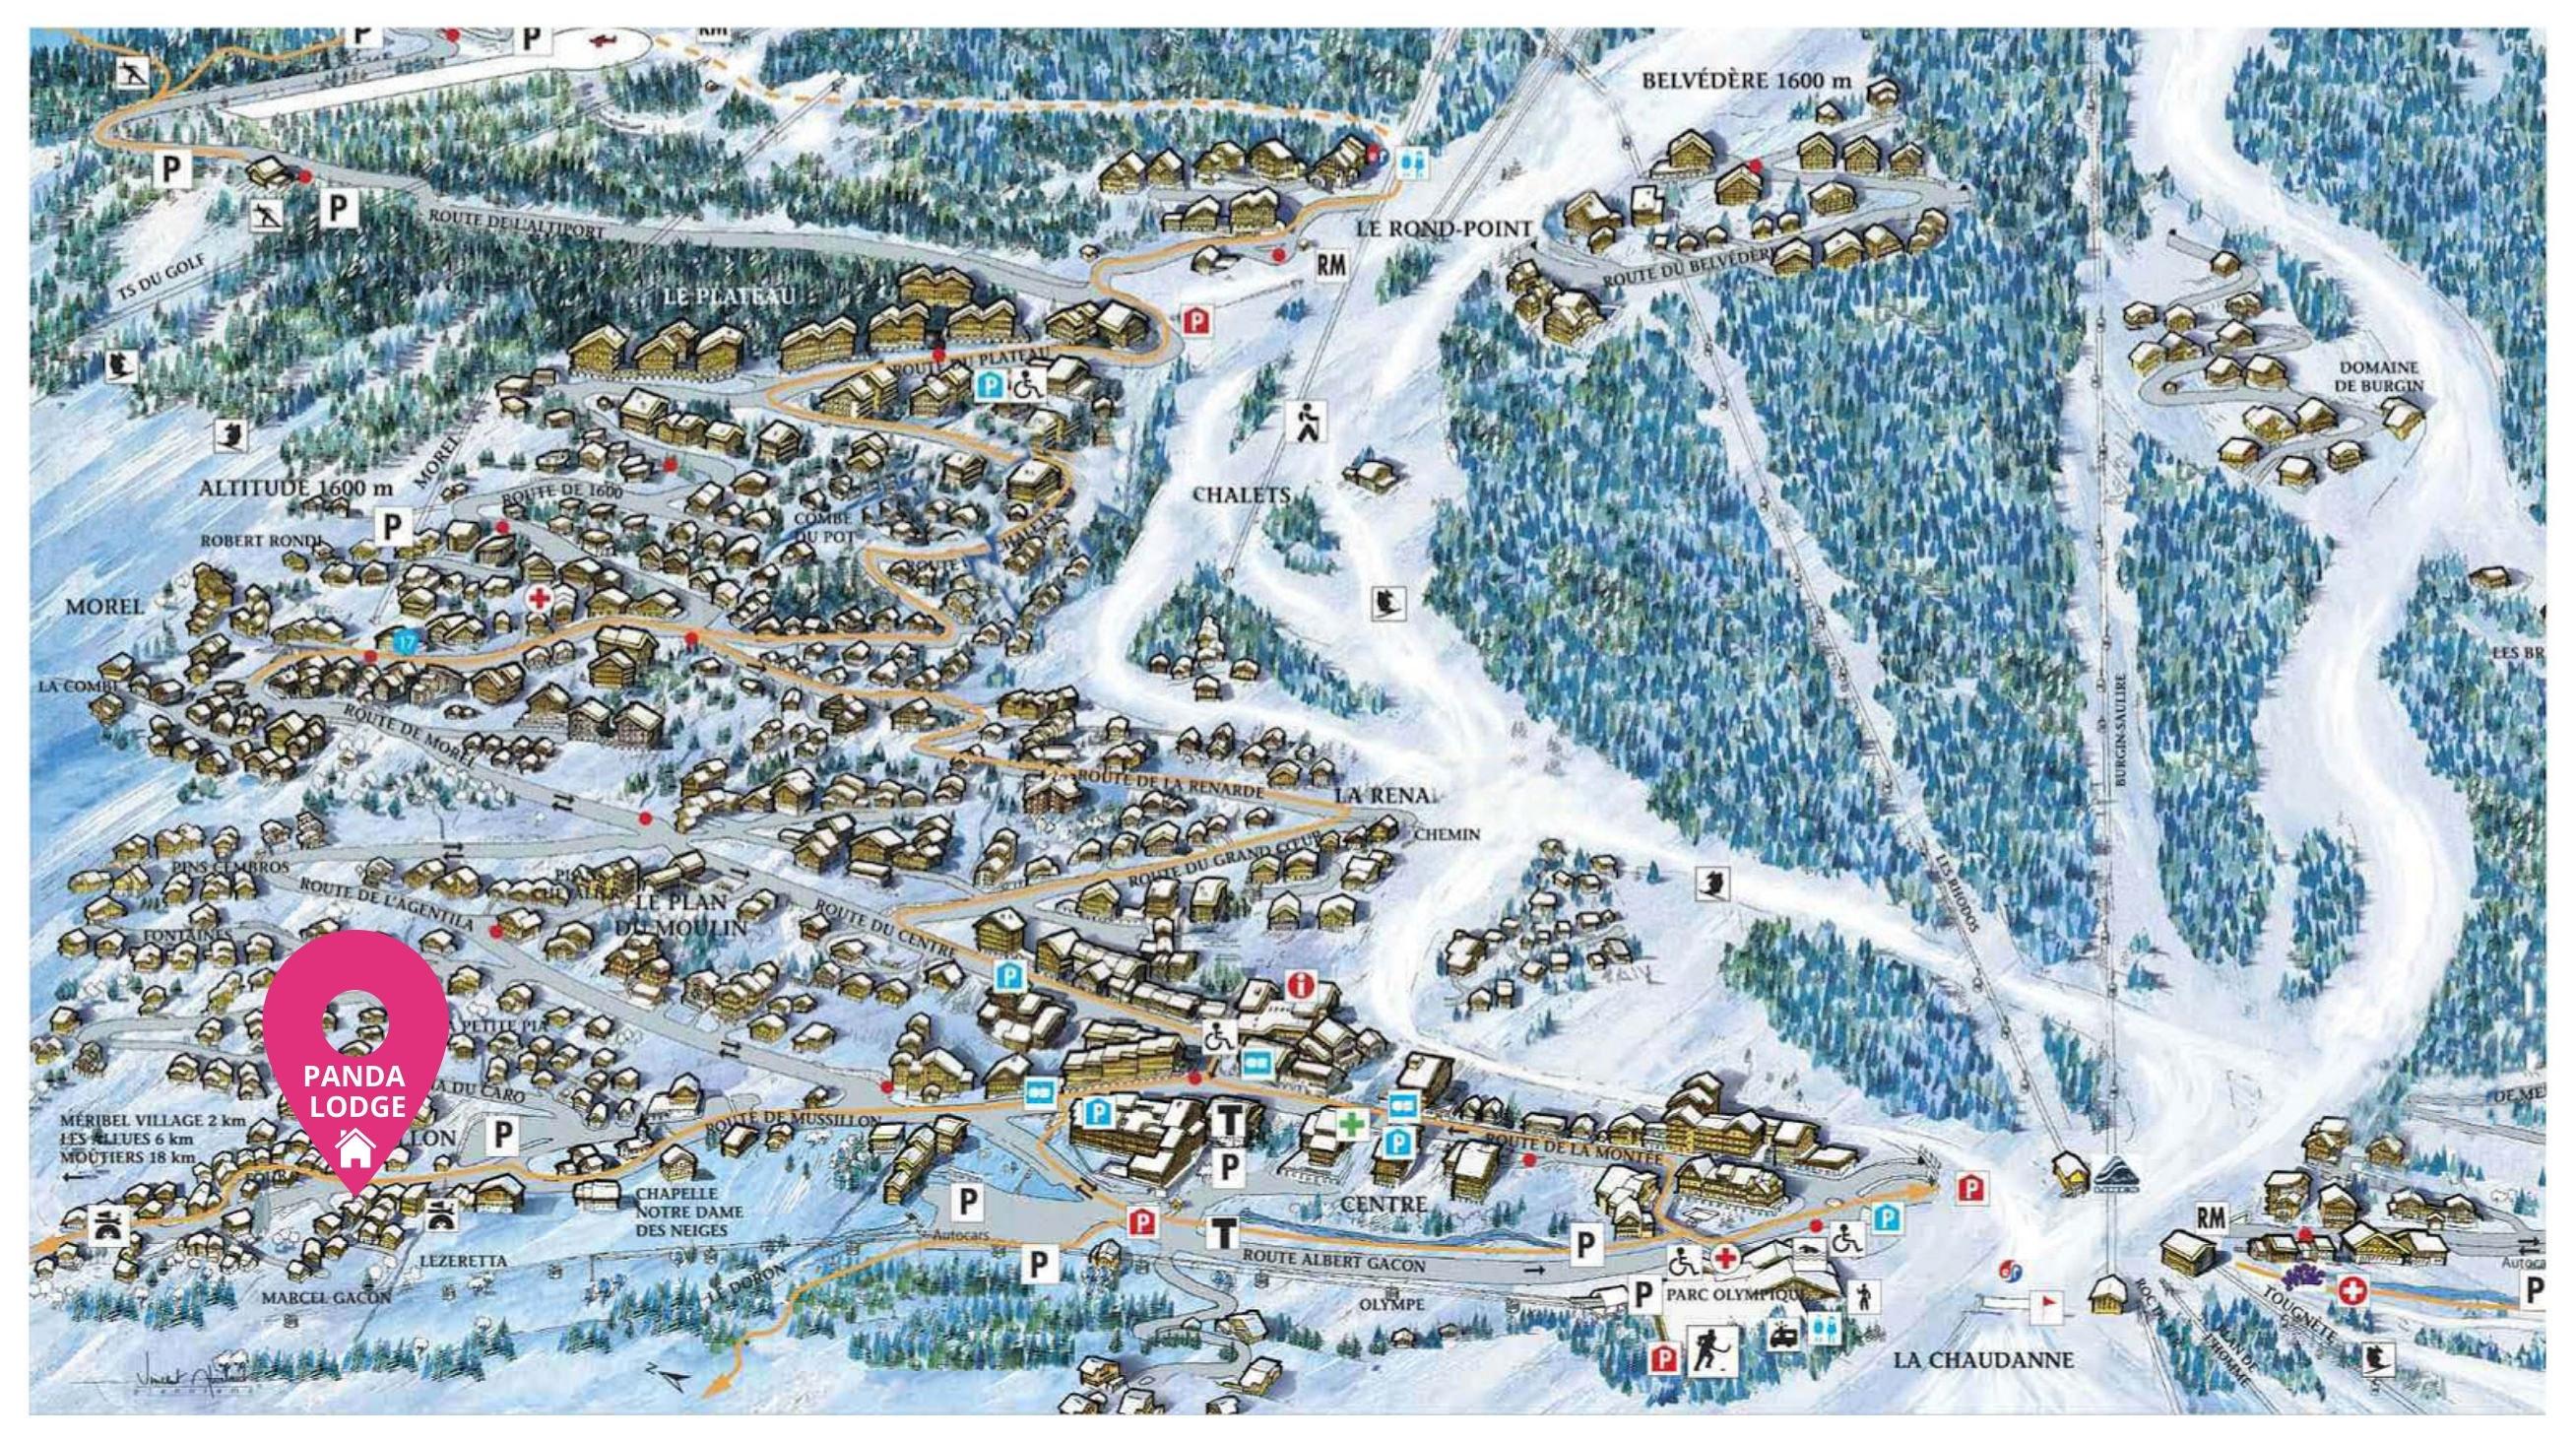 Map of Panda Lodge